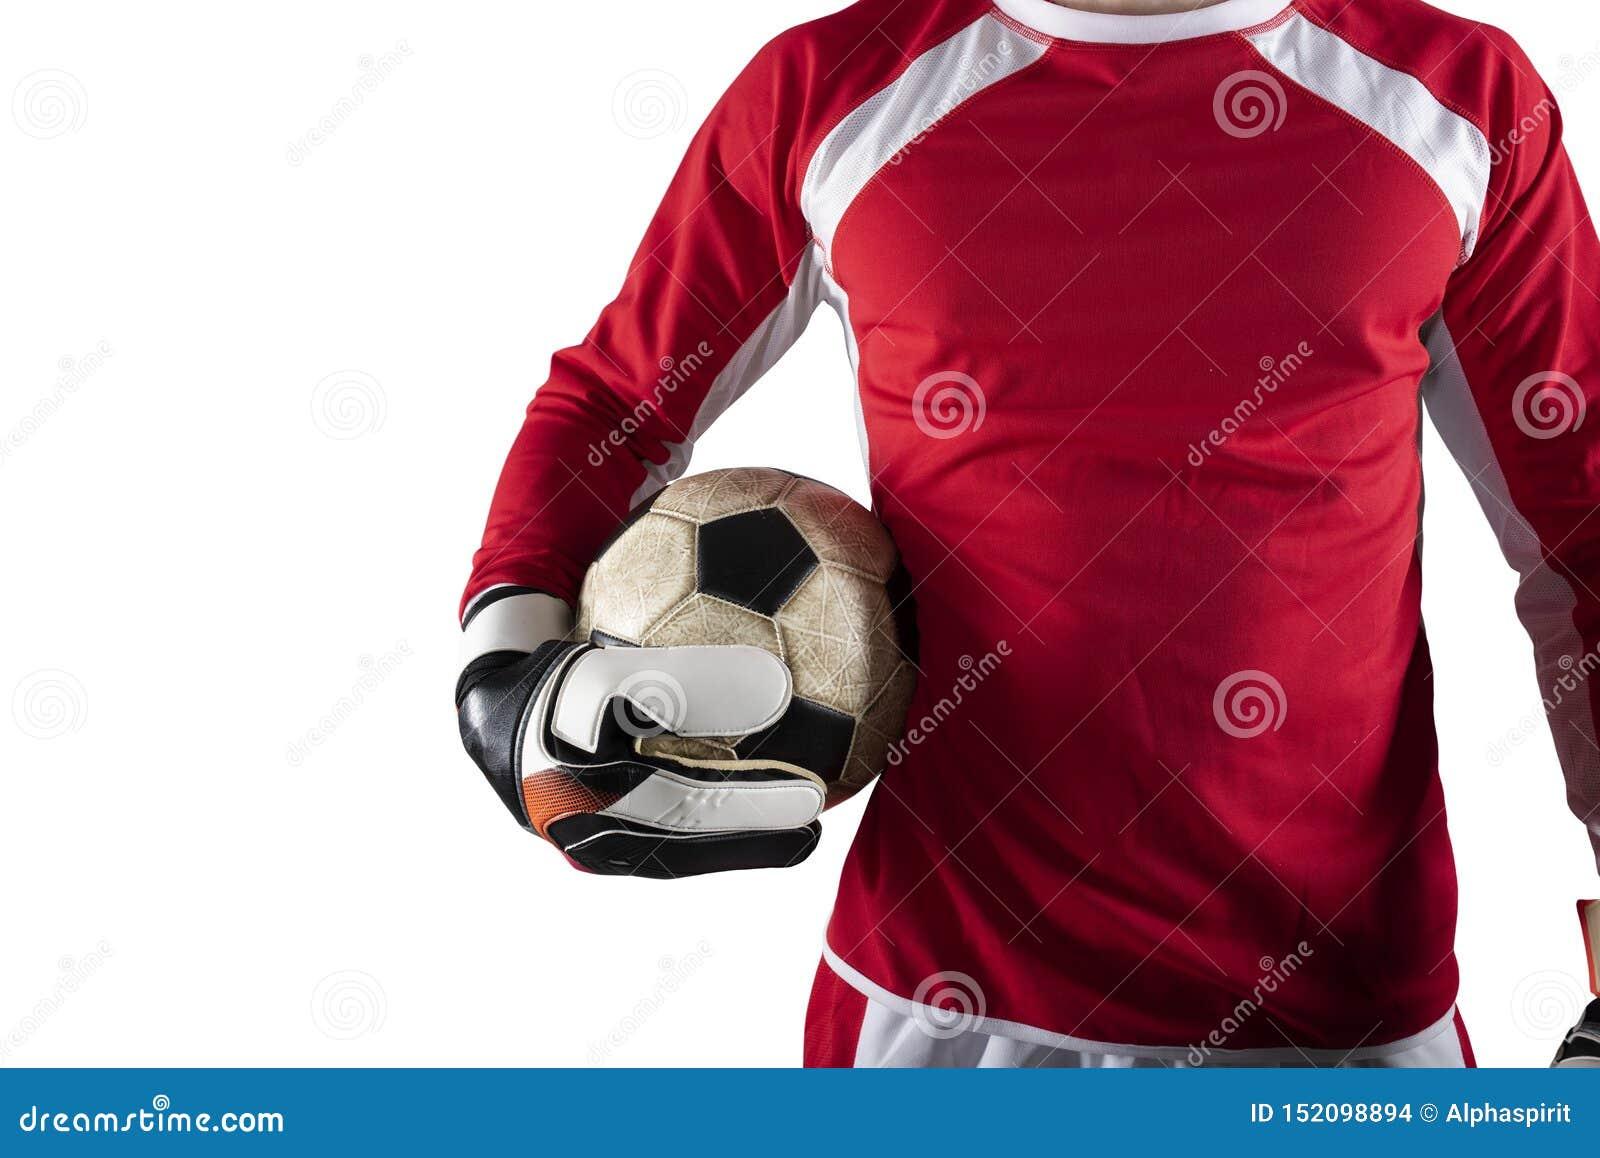 Голкипер держит шарик в стадионе во время футбольного матча r